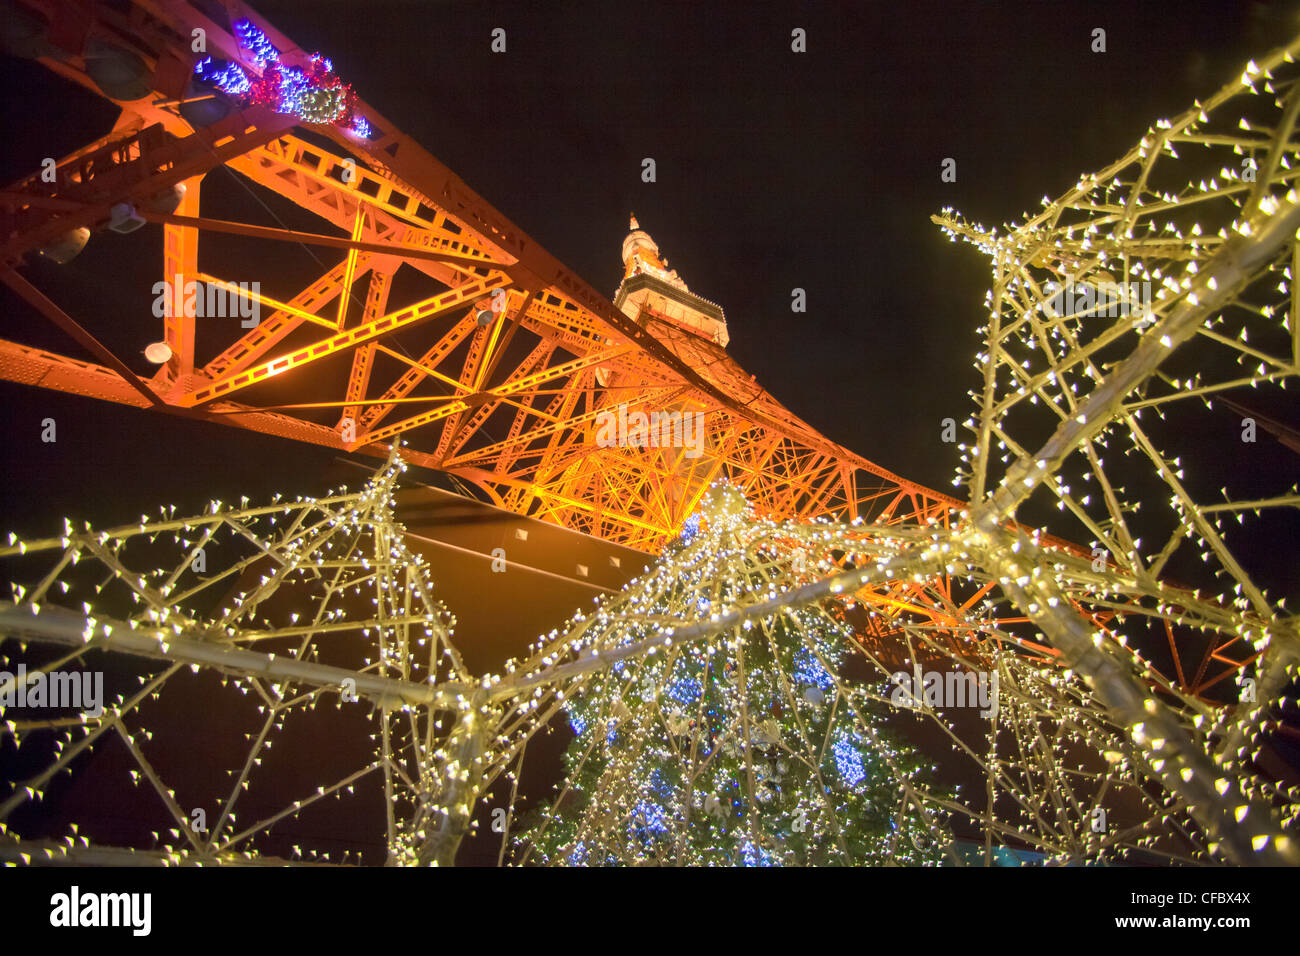 Tokyo, Japan, Asien, Stadt, Tokyo Tower, Architektur, Beleuchtung, Eisen, rot, Stahl, Turm, Nacht, Lichter, Weihnachten Stockbild